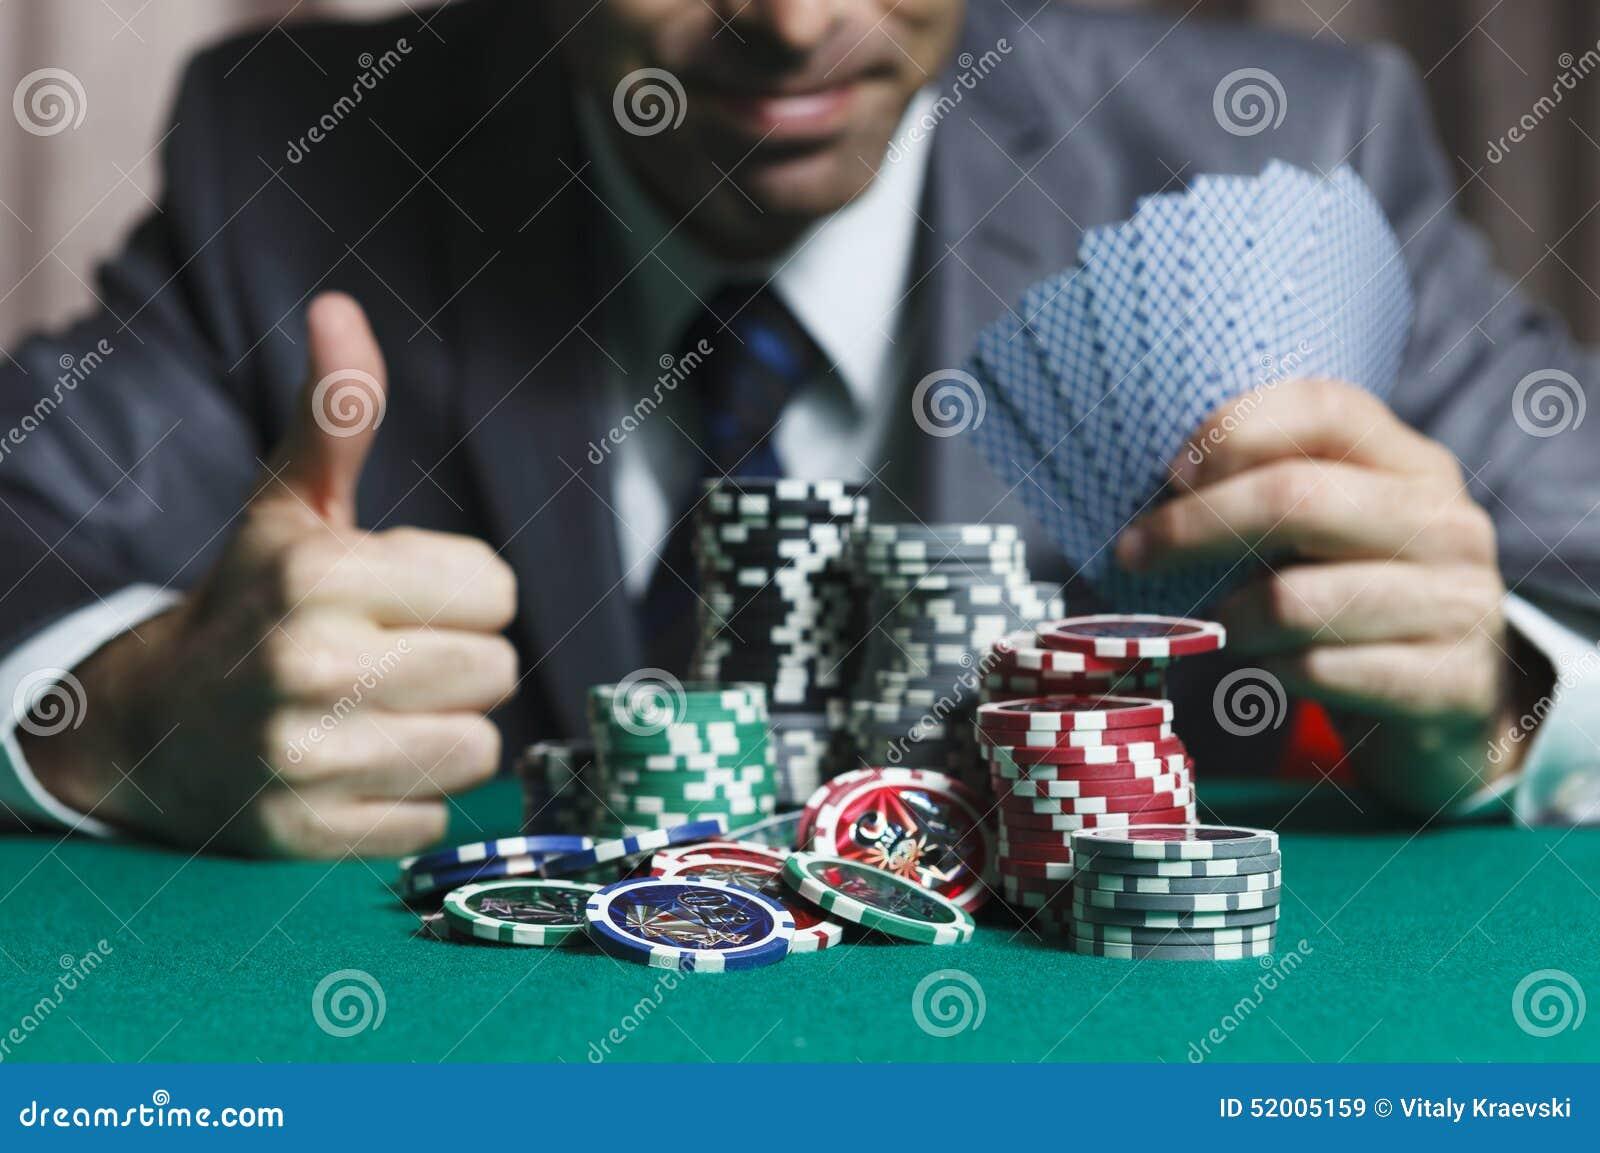 Gambling side effects